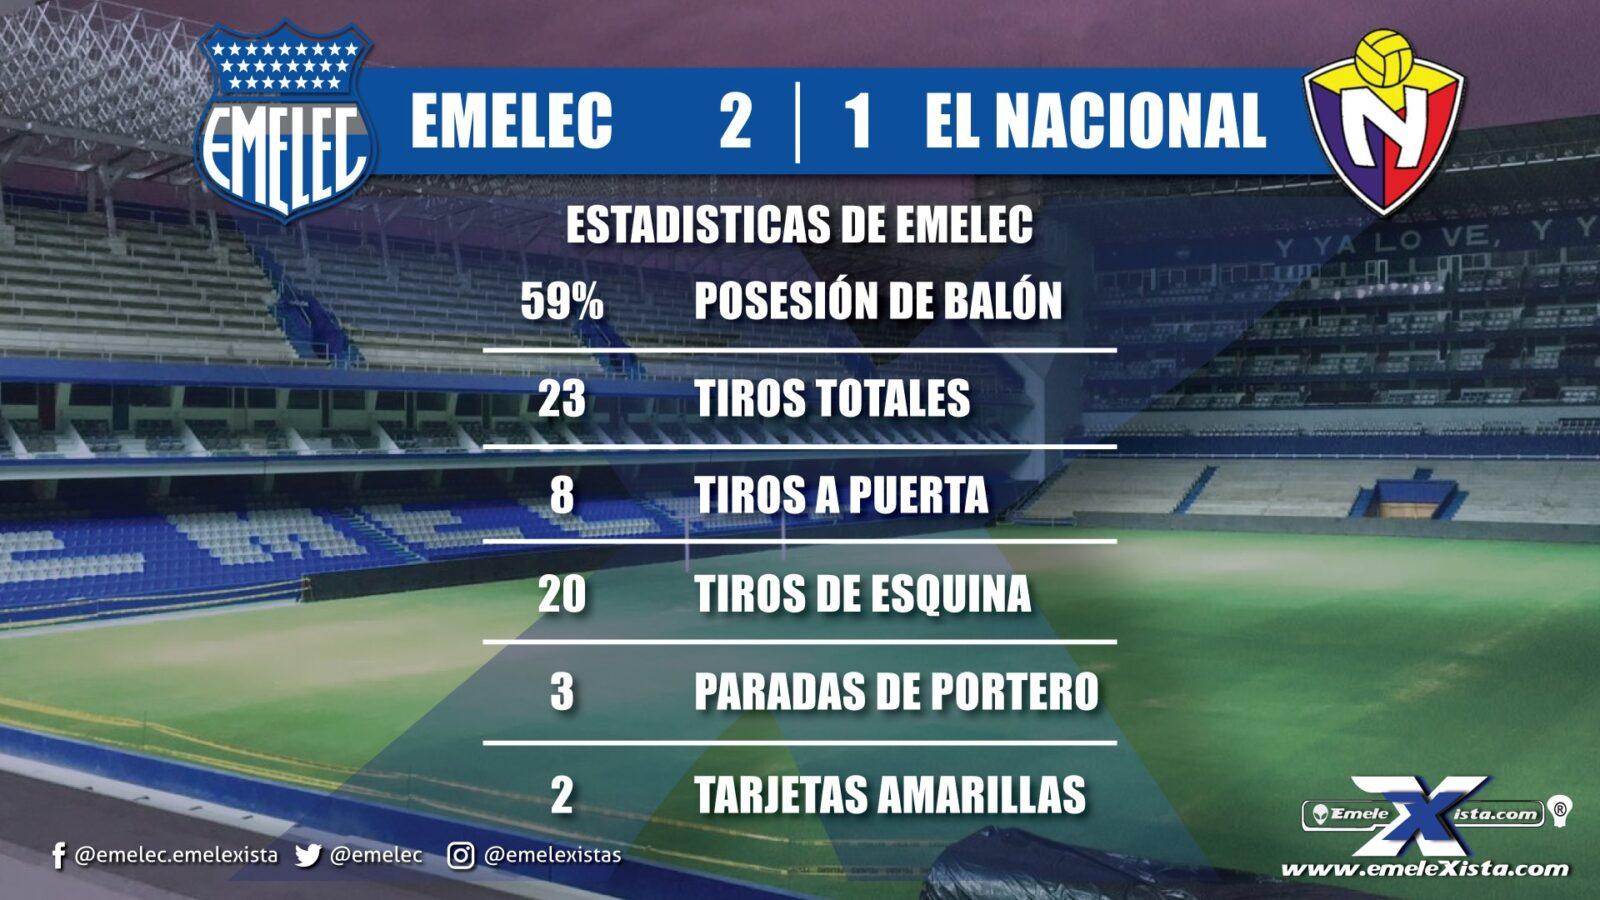 Emelec El Nacional